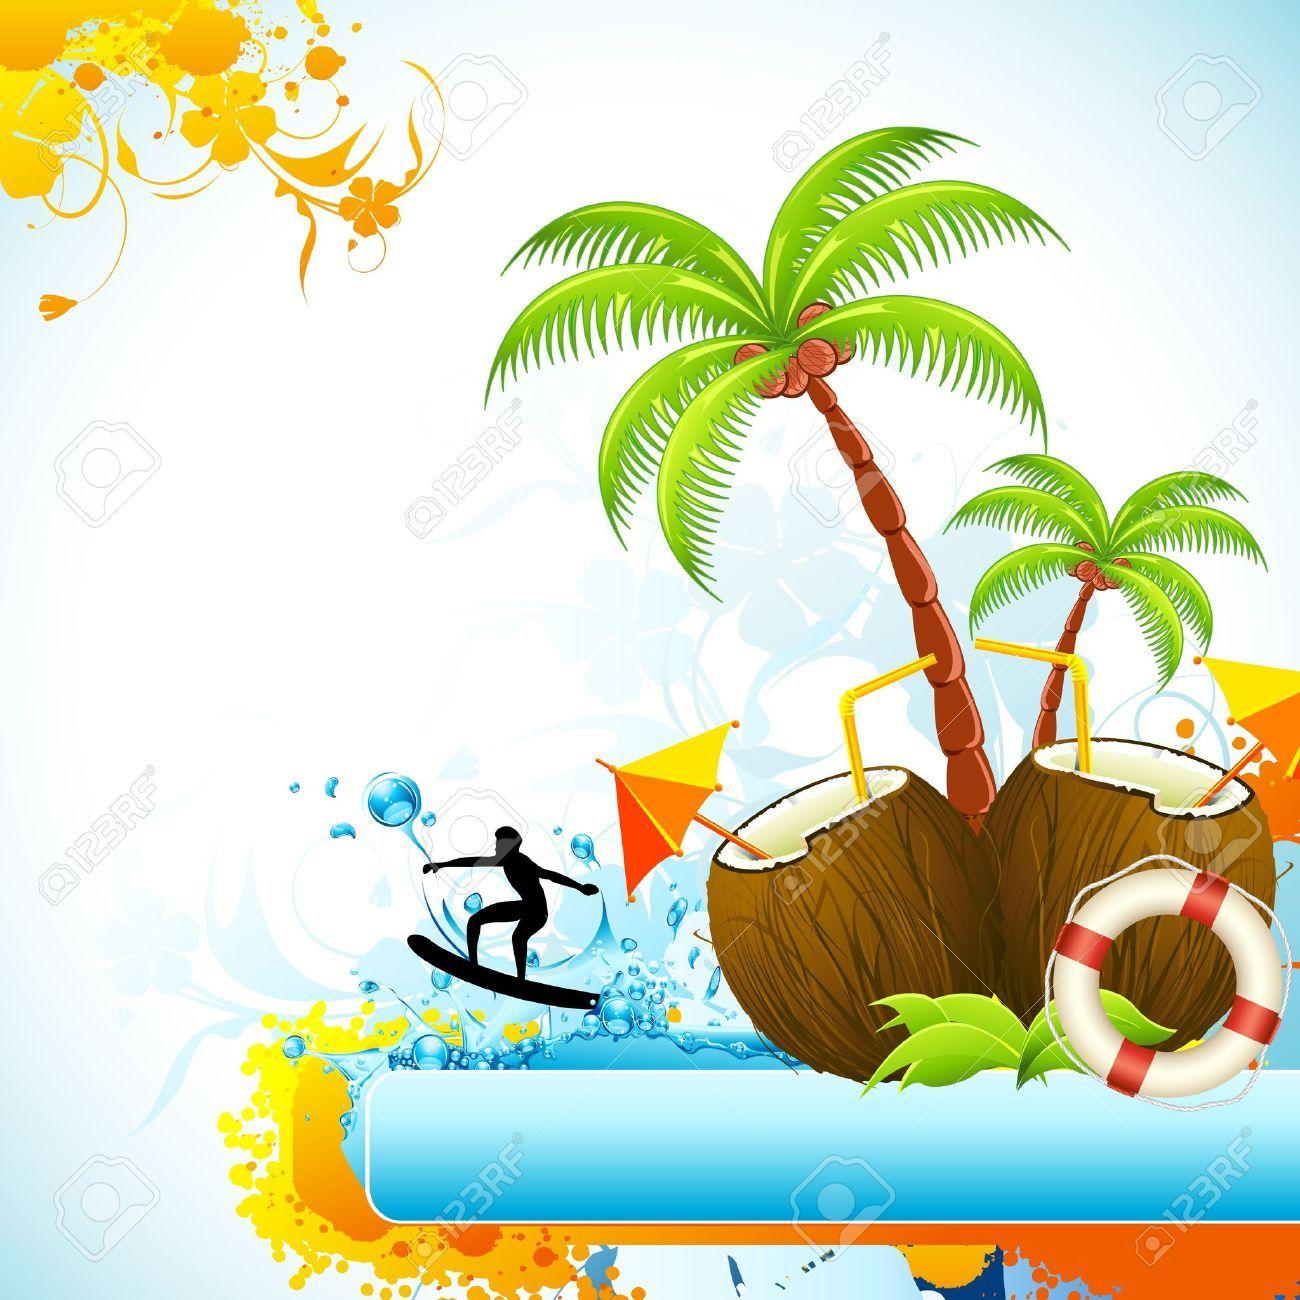 palmeras con cocos dibujadas - Buscar con Google | decoración de ...